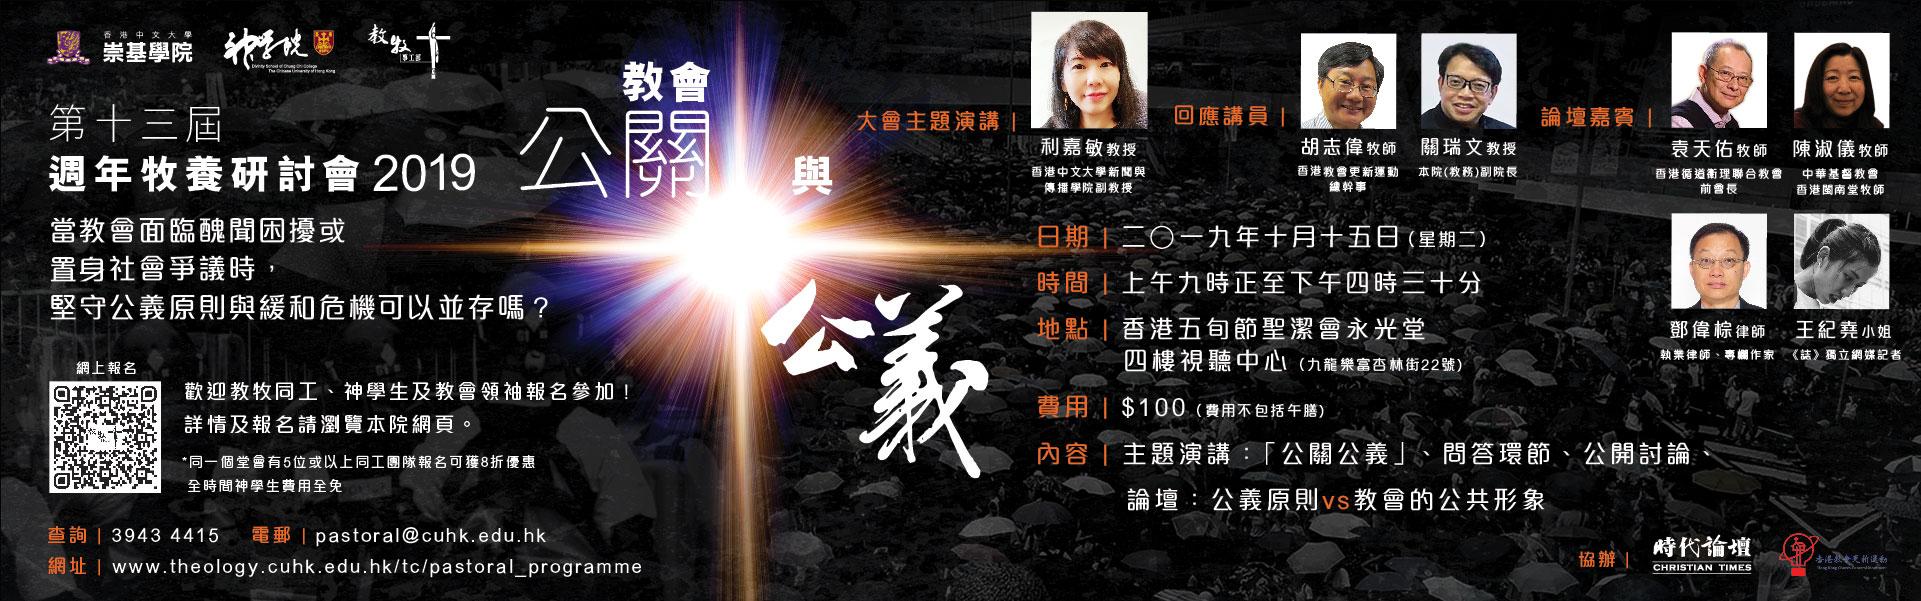 香港中文大學崇基學院神學院教牧事工部第十三屆週年牧養研討會2019 Banner Image